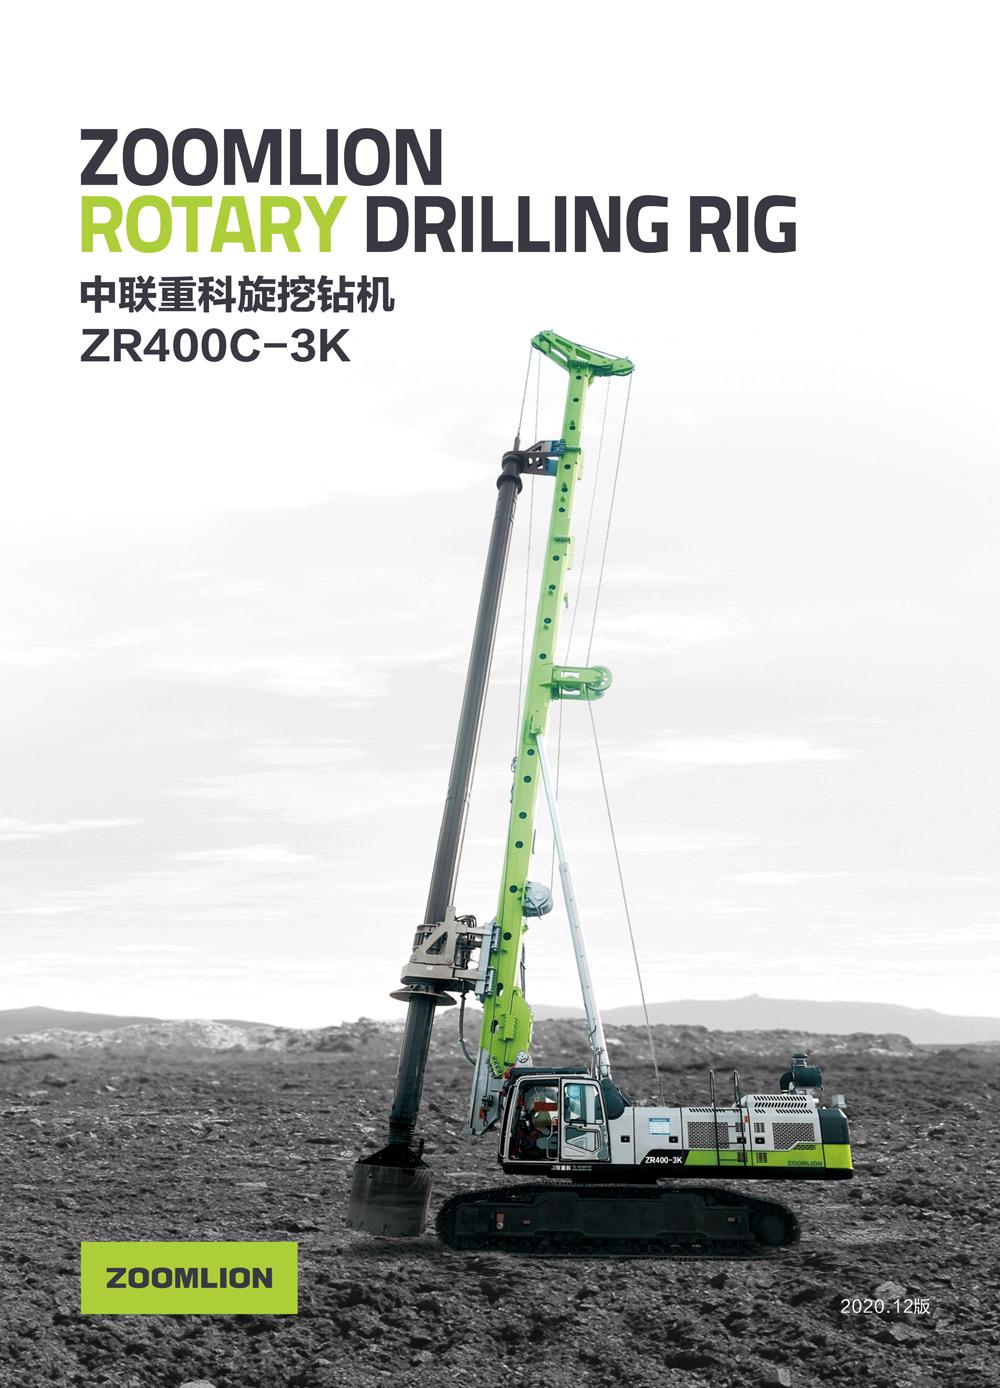 中联重科ZR400C-3K旋挖钻机高清图 - 外观